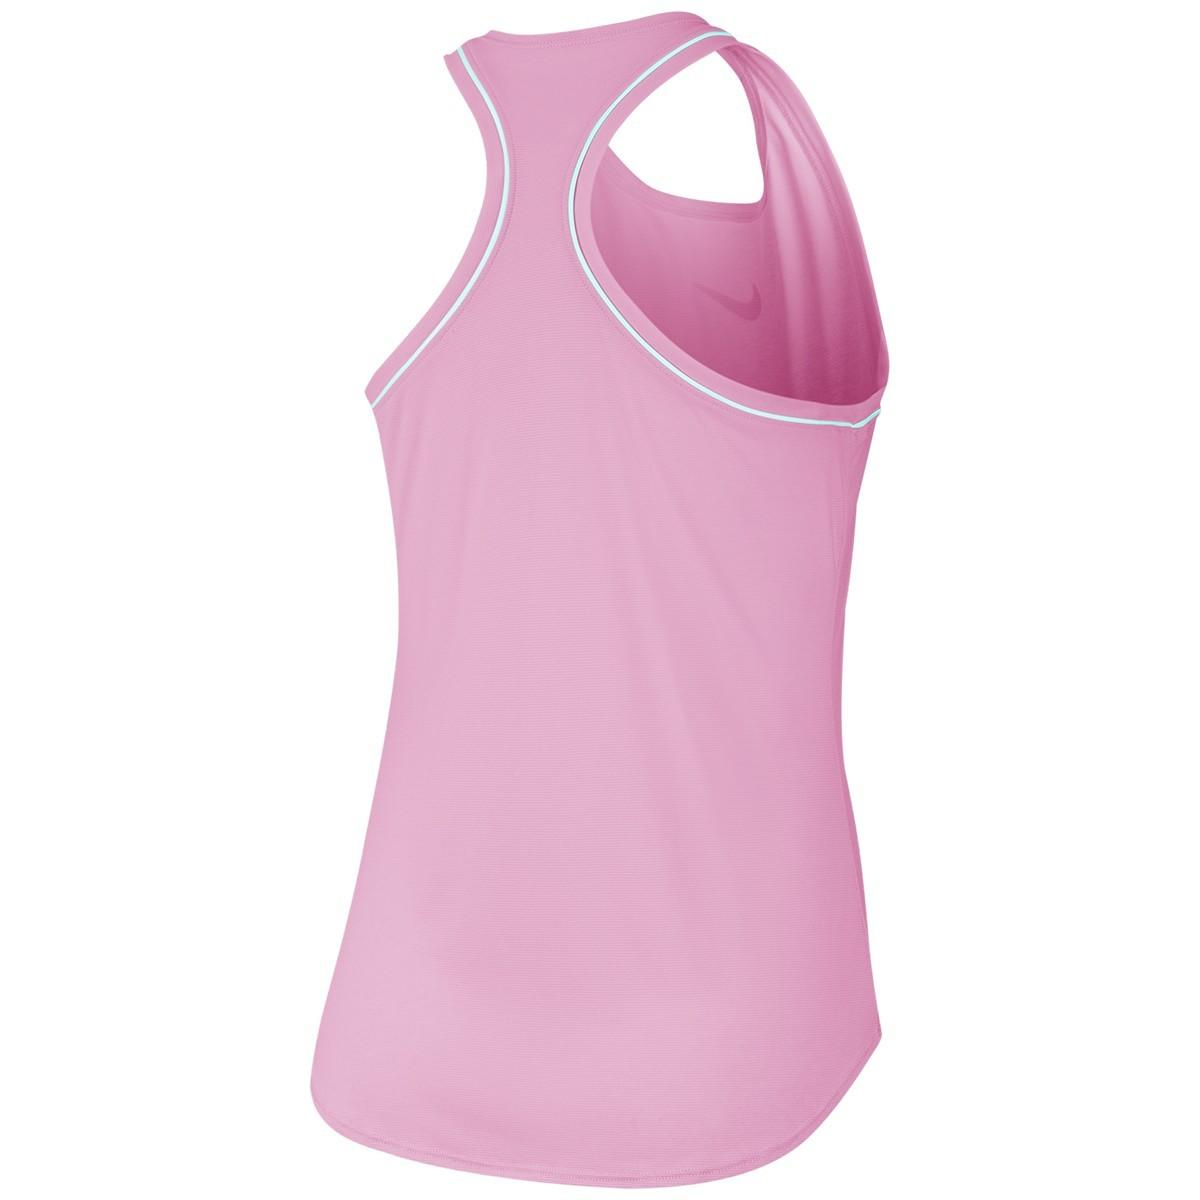 Теннисная майка детская Nike Court Girls Dry Tank pink rise/white